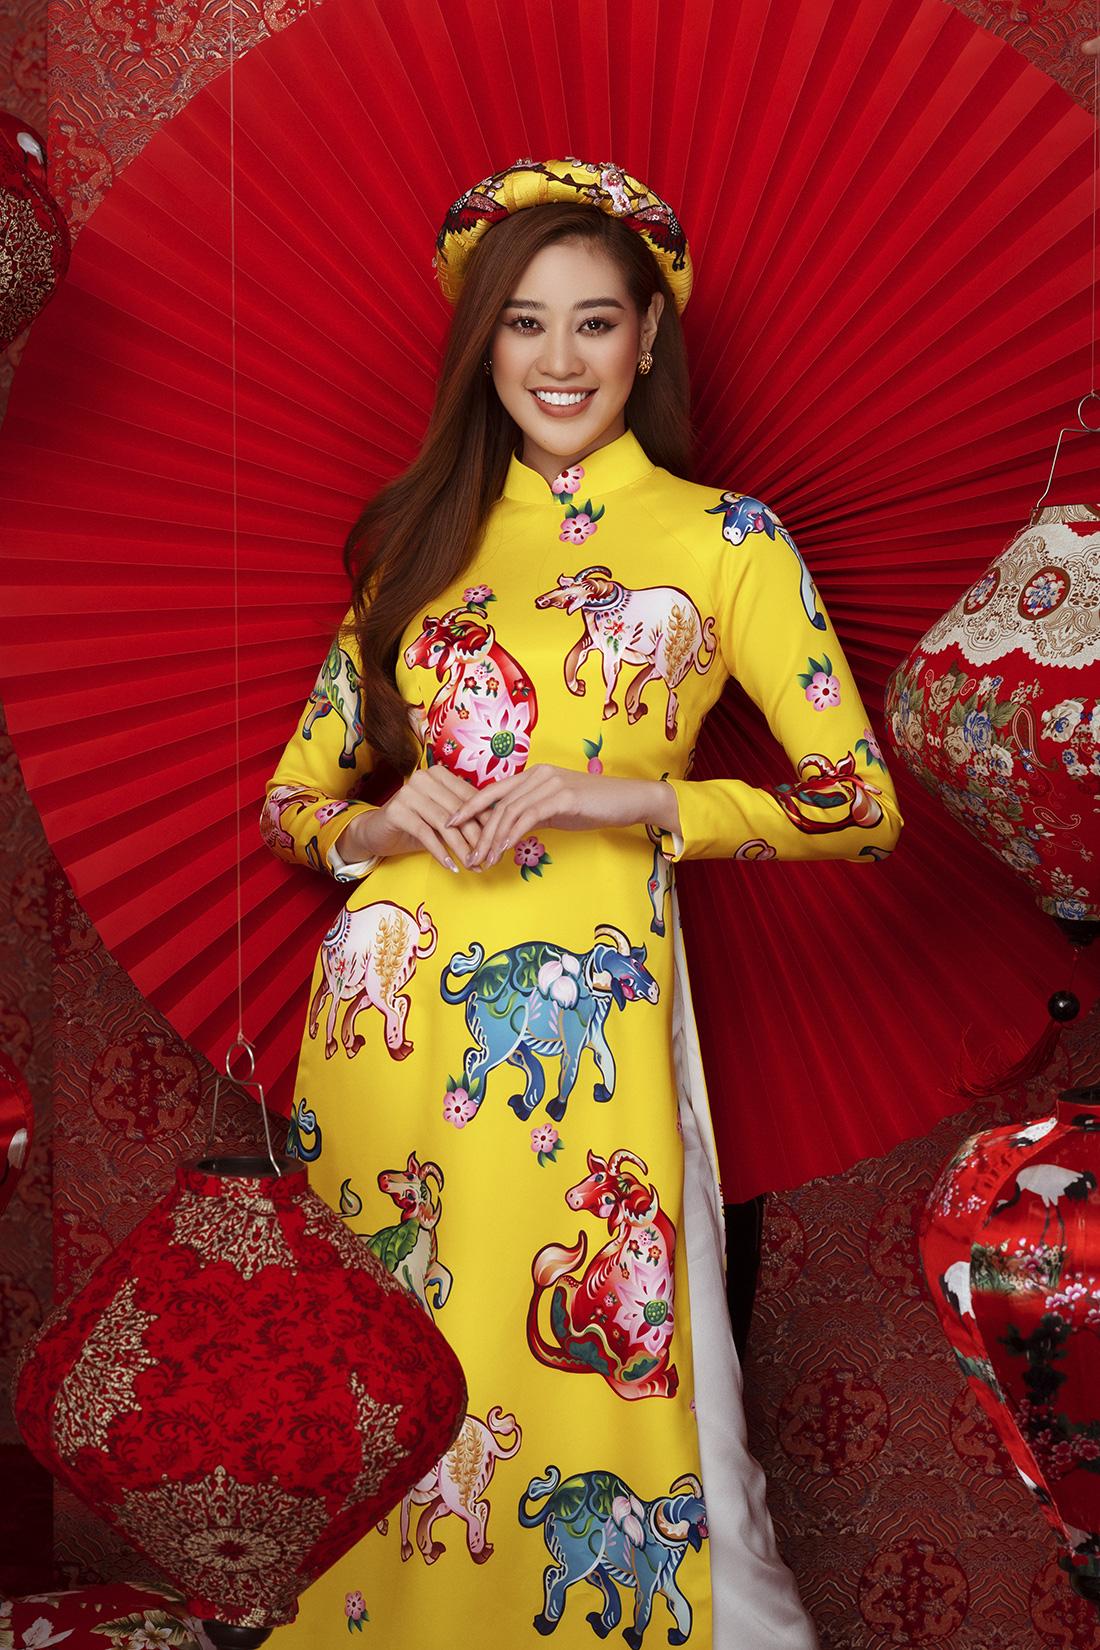 Á hậu Hoàng My, Thúy Vân làm thơ, sáng tác nhạc vì Covid-19 - Ảnh 6.